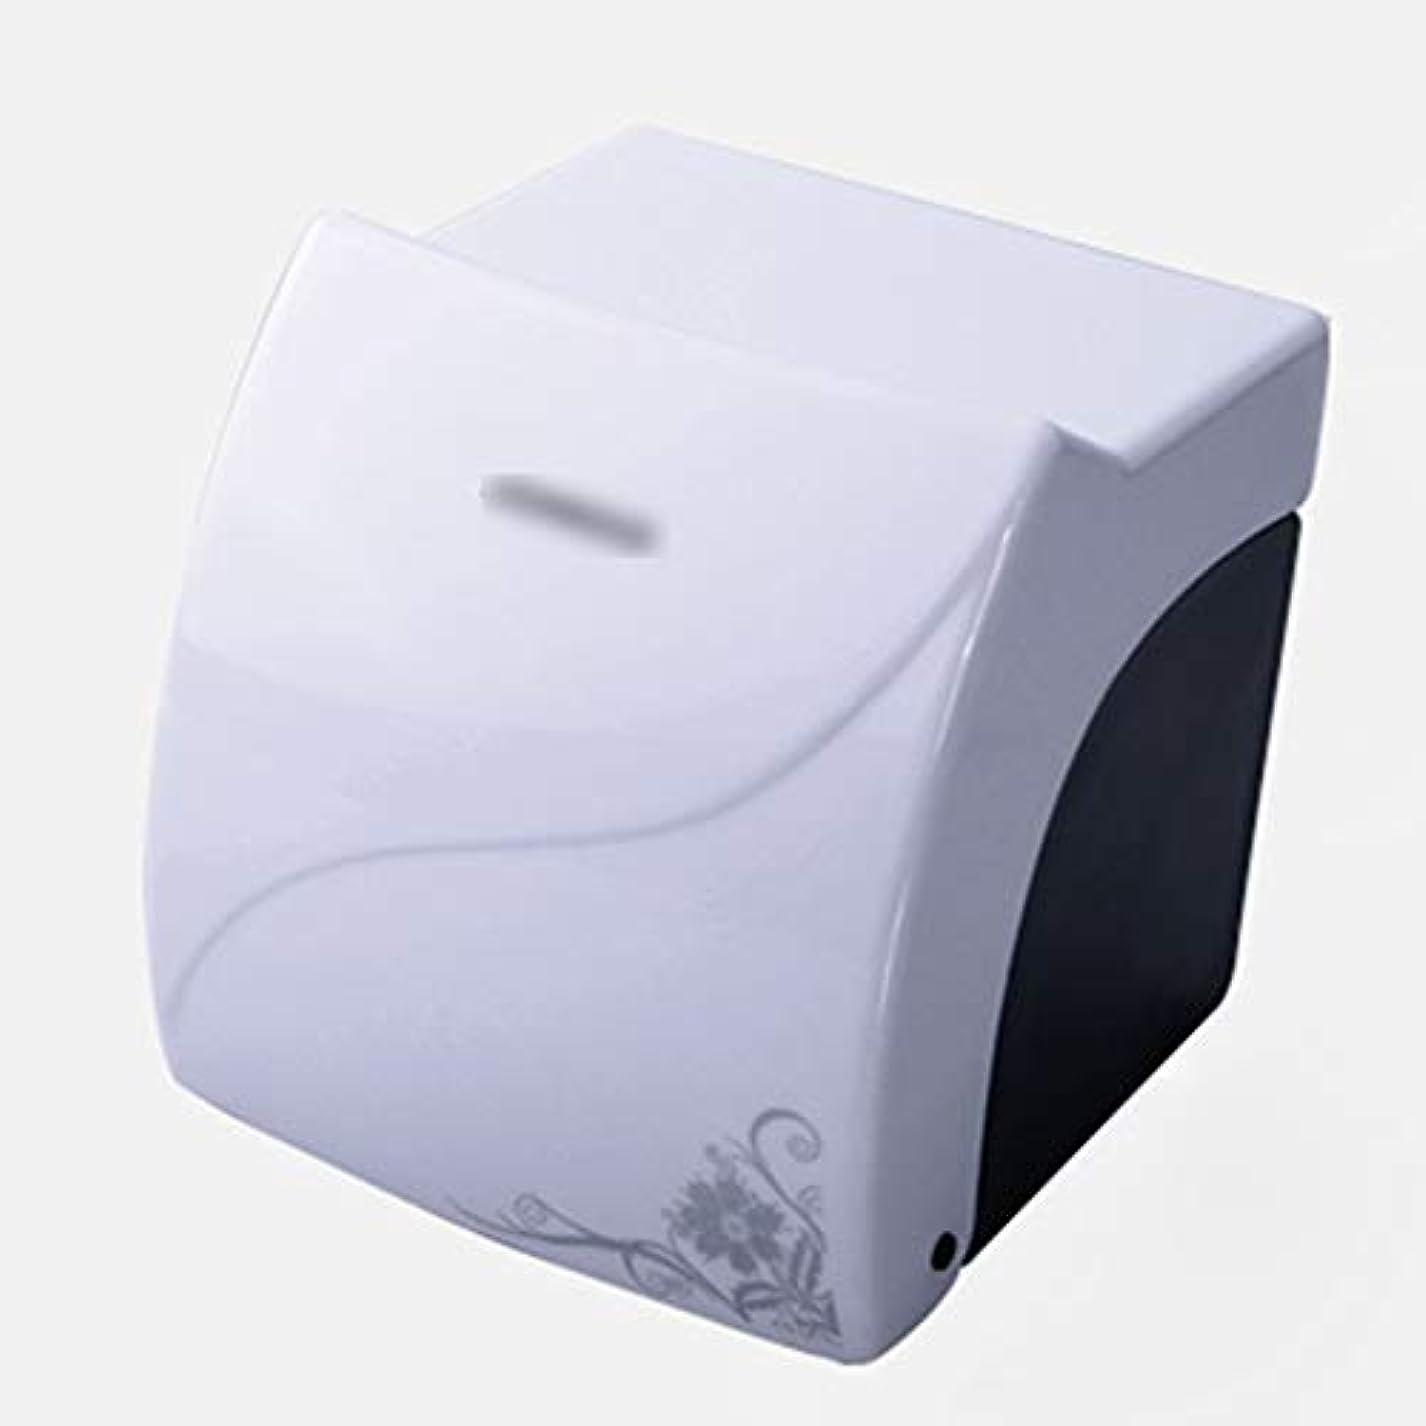 時刻表緩やかなチーターZZLX 紙タオルホルダー、高品質ABS防水ティッシュボックストイレットペーパーボックスペーパーホルダー ロングハンドル風呂ブラシ